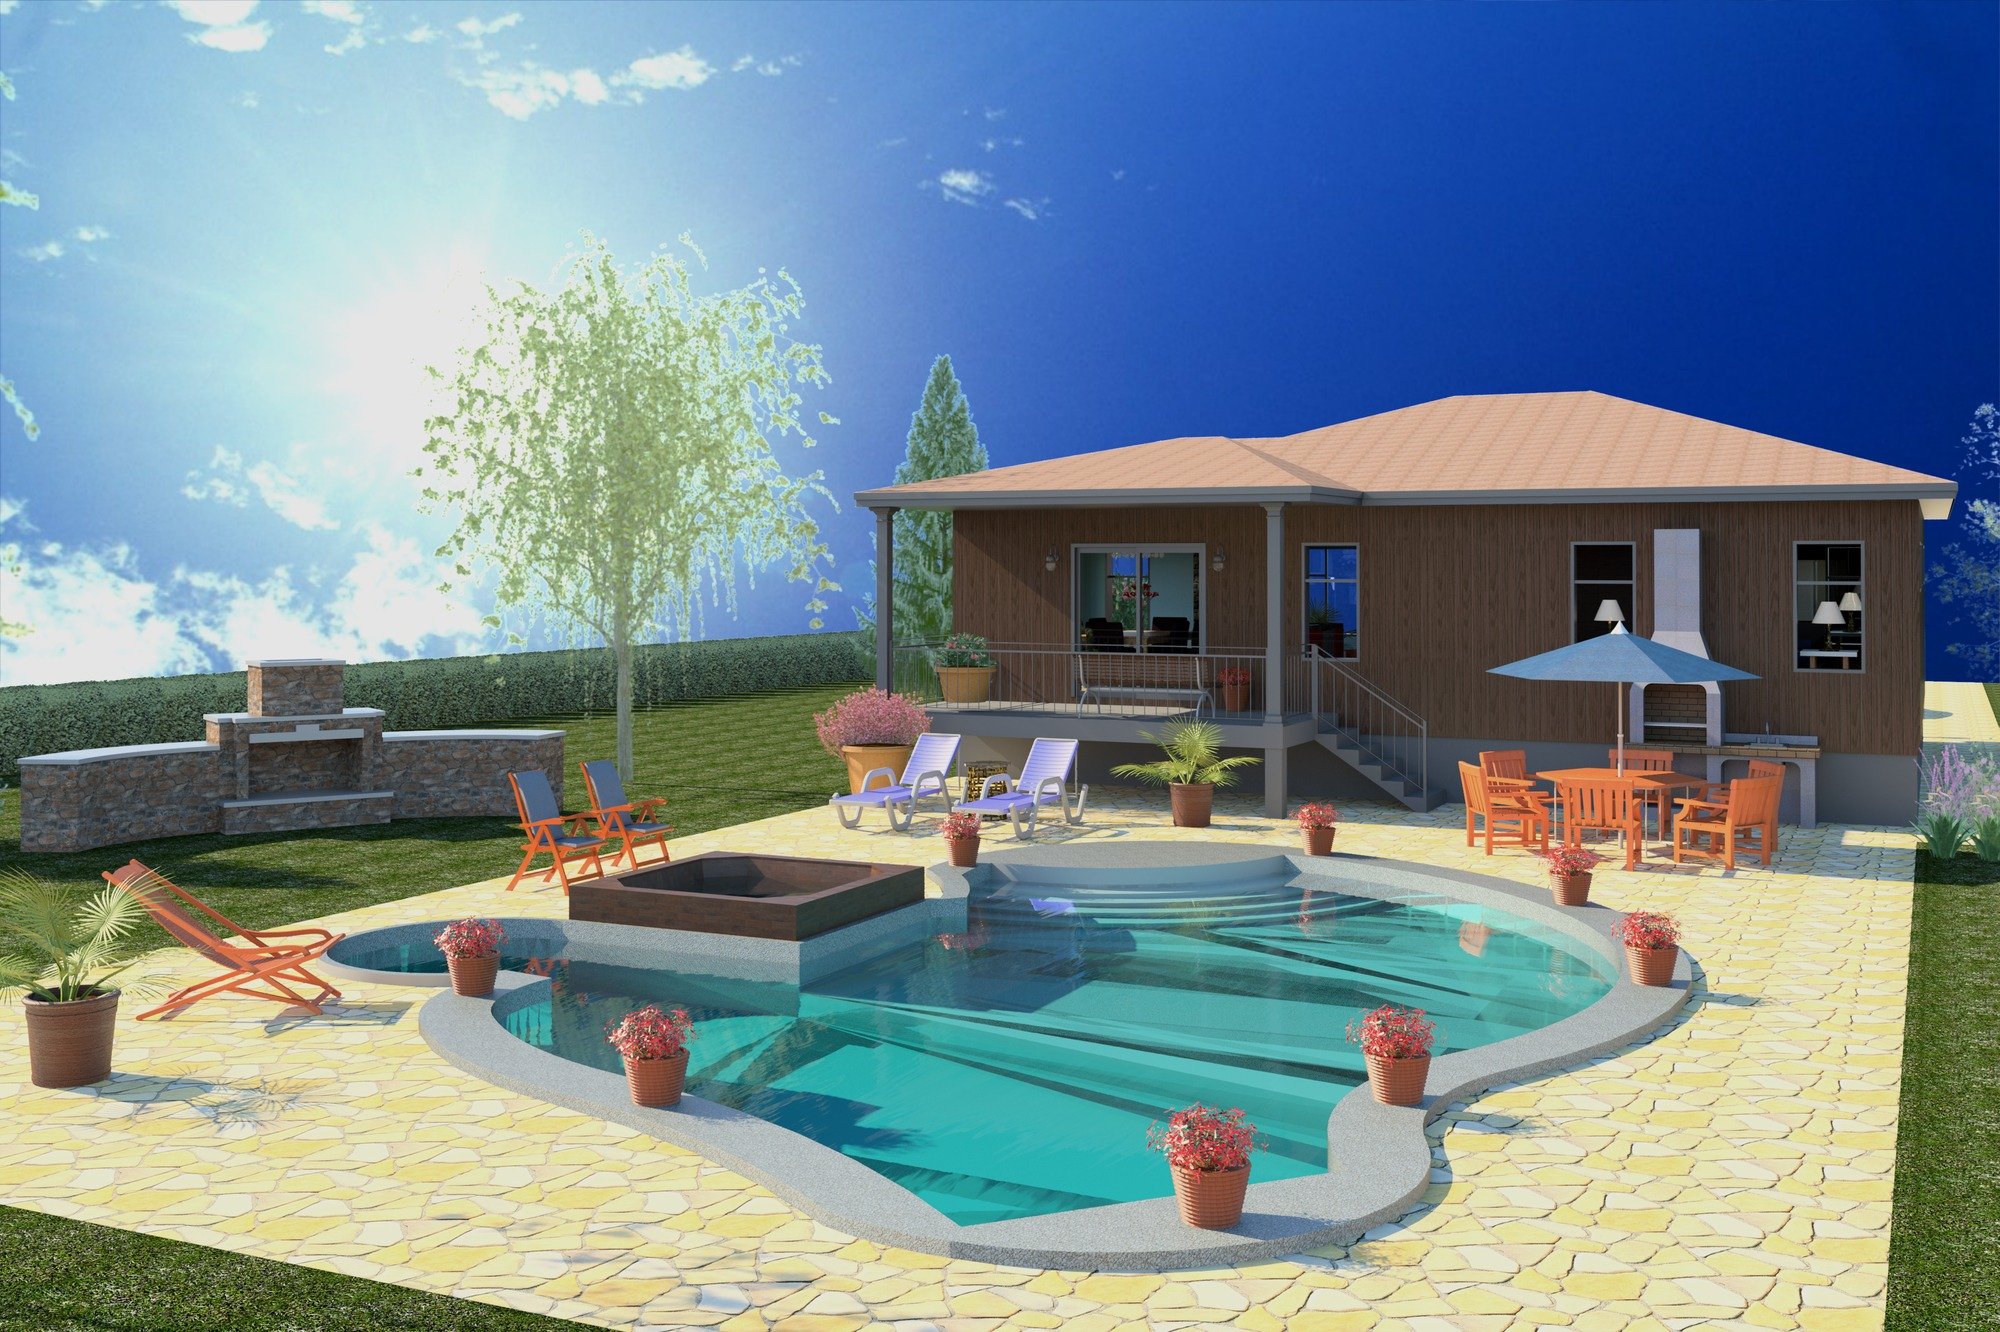 Raas-rendering20150306-15229-1avjxyg